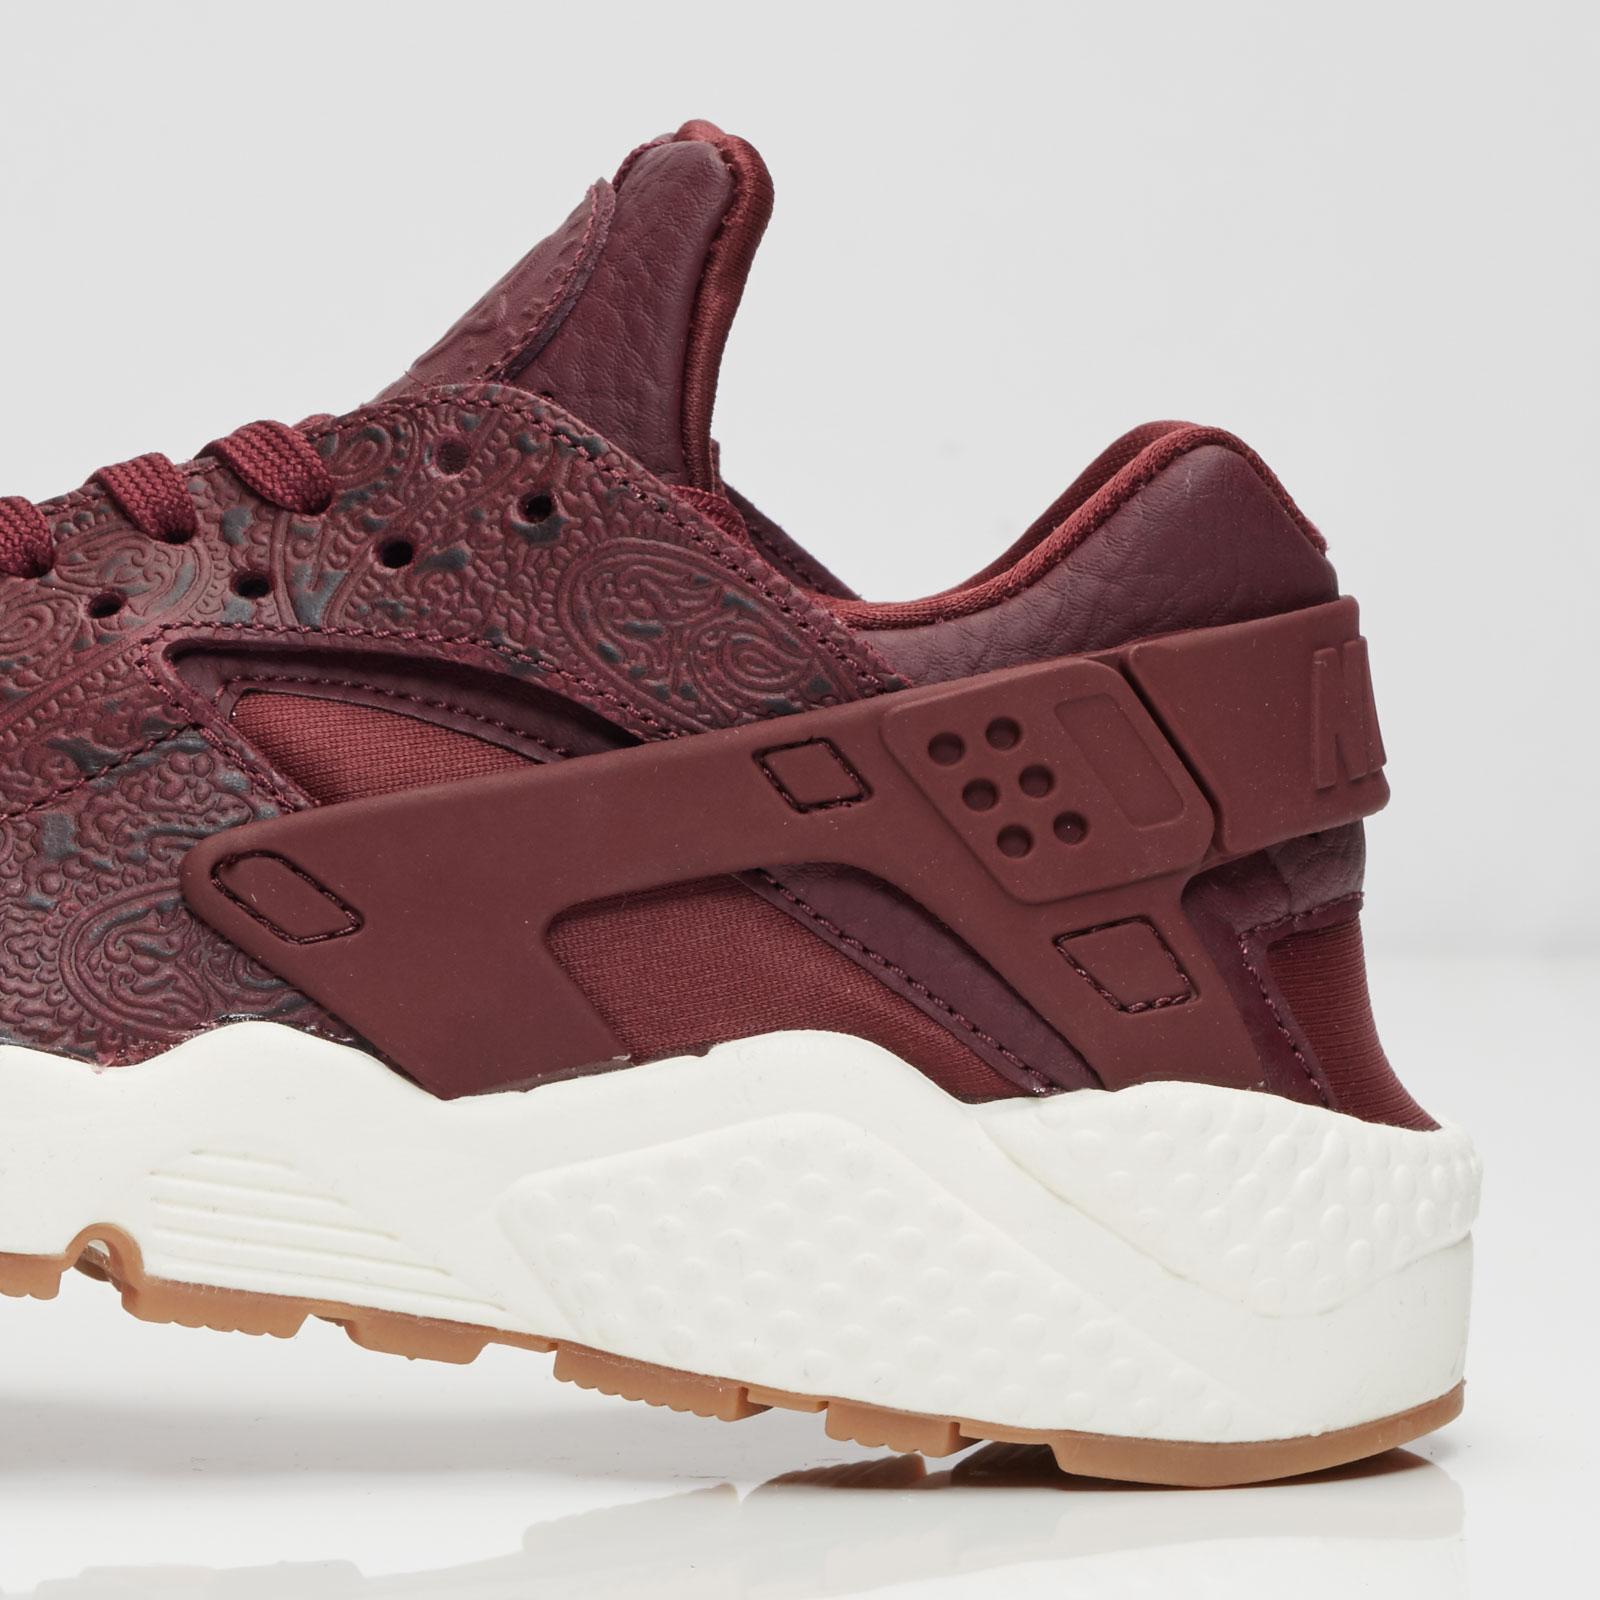 534da2a49026 Nike Wmns Air Huarache Run Premium - 683818-600 - Sneakersnstuff ...